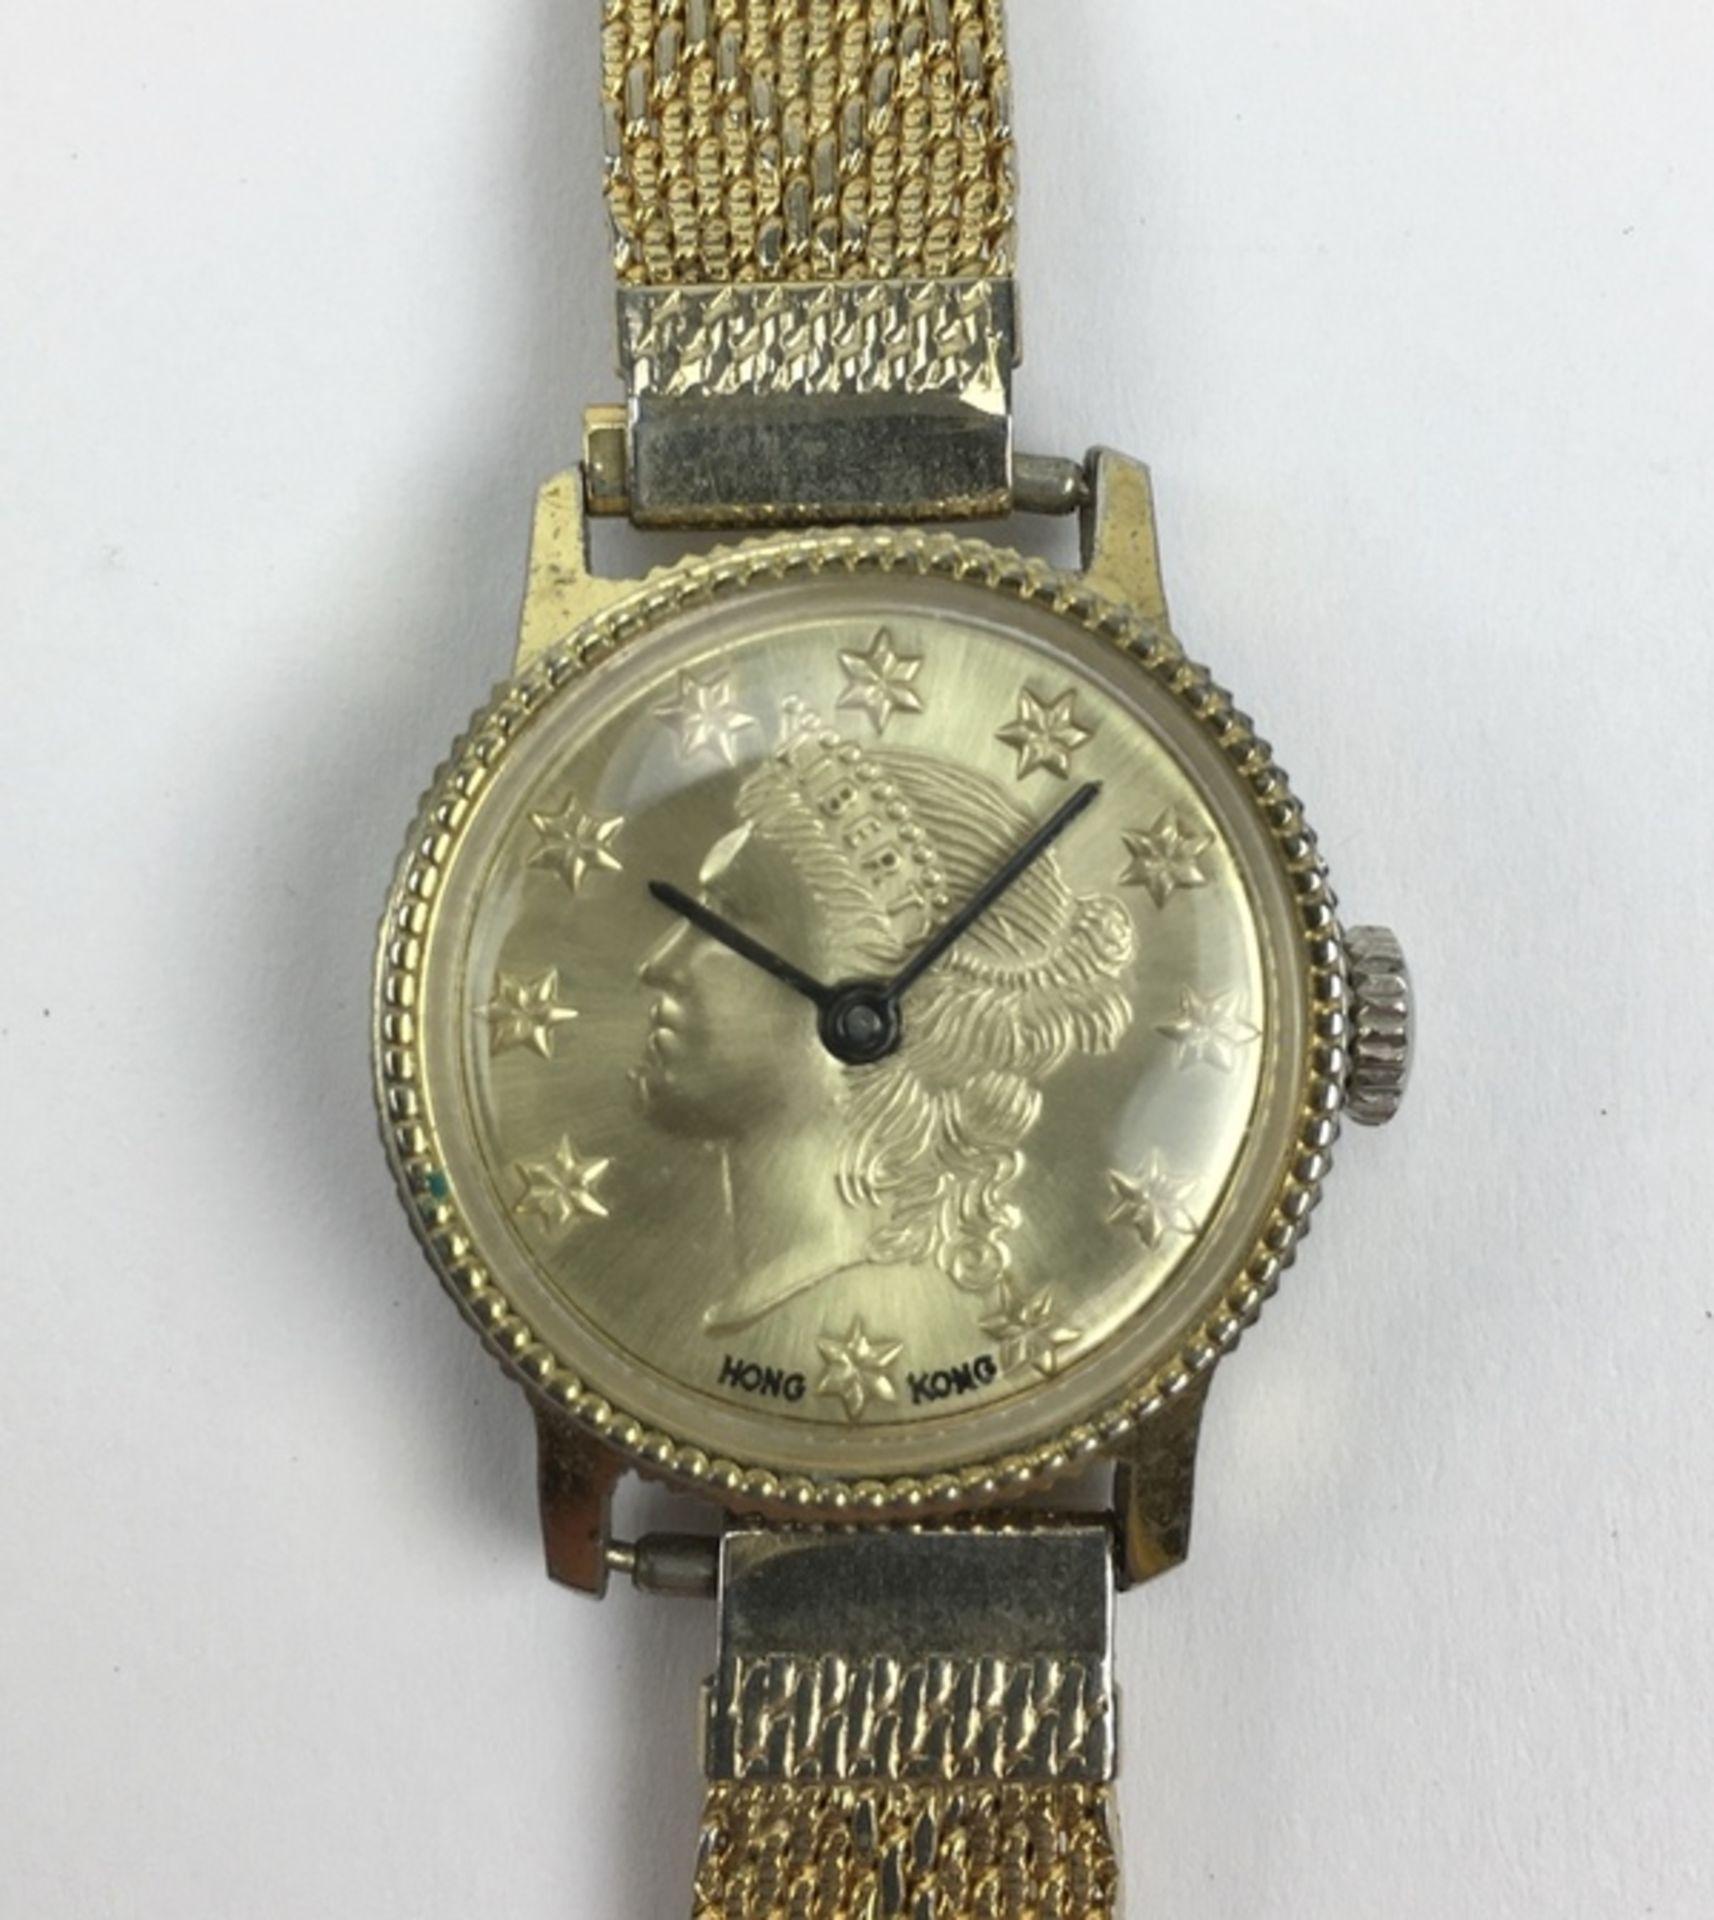 (Sieraden) HorlogesZes verschillende merken horloges, waaronder een Junghans. Conditie: Gebruik - Image 2 of 3